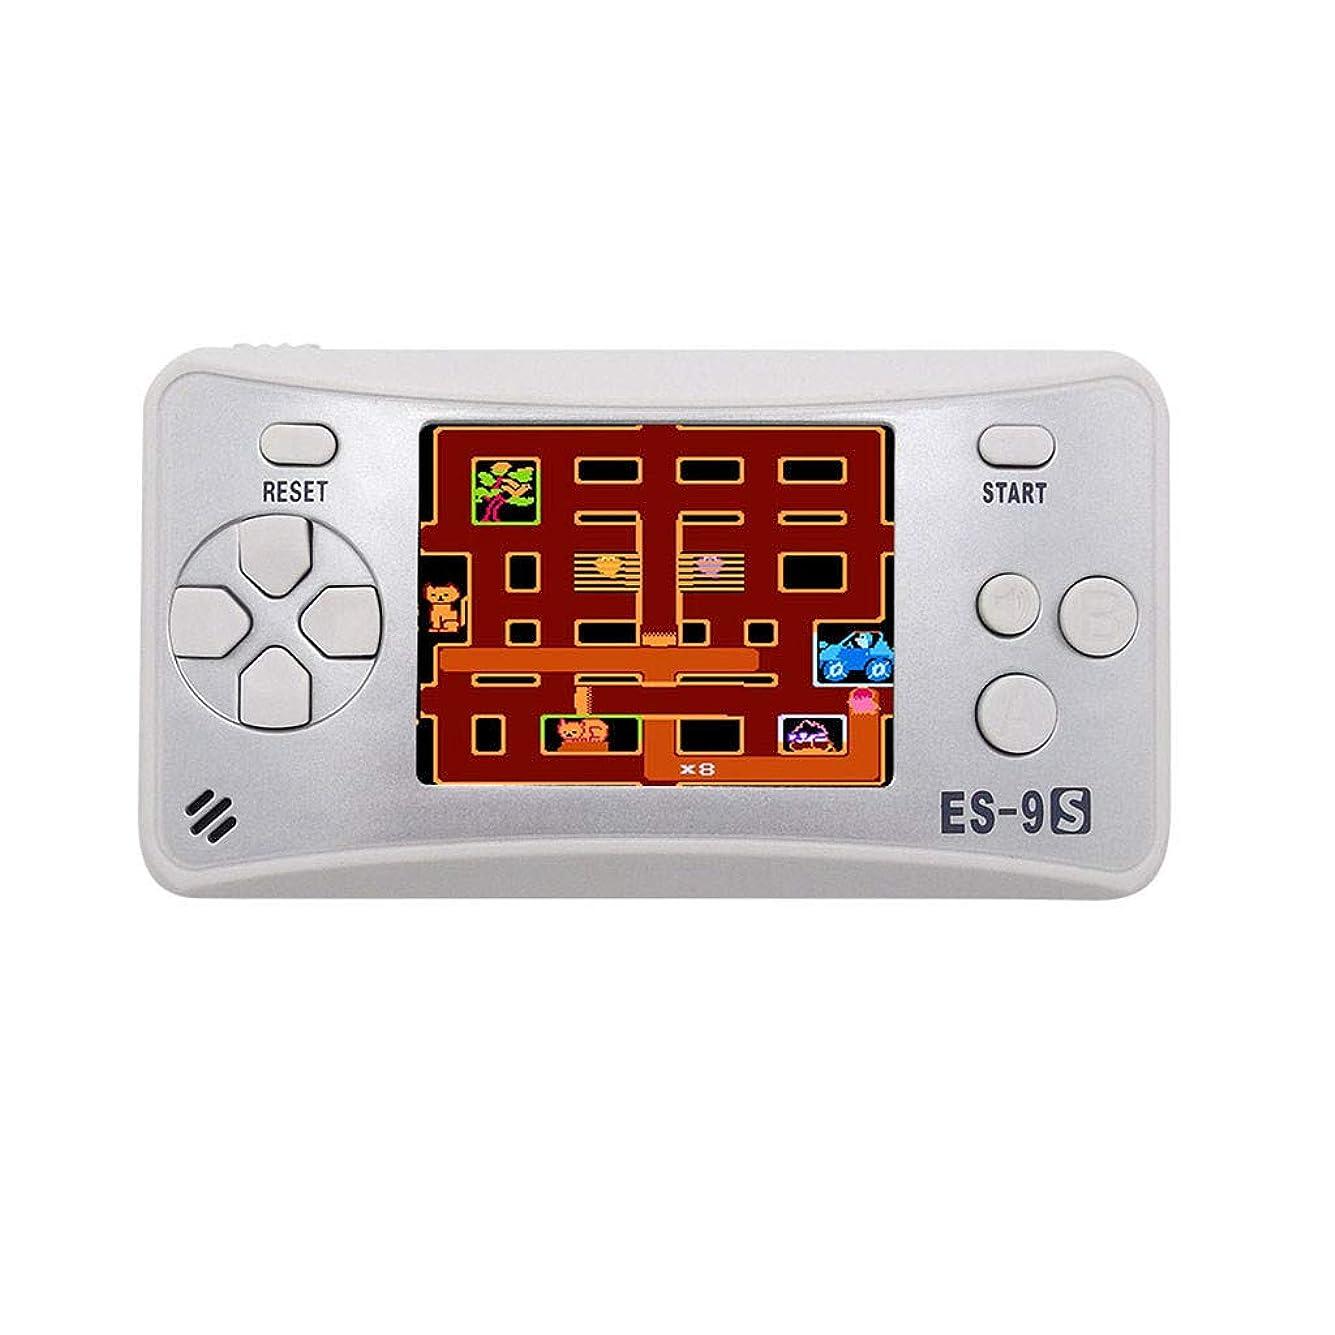 却下する雇う特に携帯ゲーム機 2.5インチ アーケードゲーム ハンドヘルド ビデオ ゲーム コンソール 内蔵168クラシックゲーム ゲームプレーヤー サポートTVプレイhuajuan